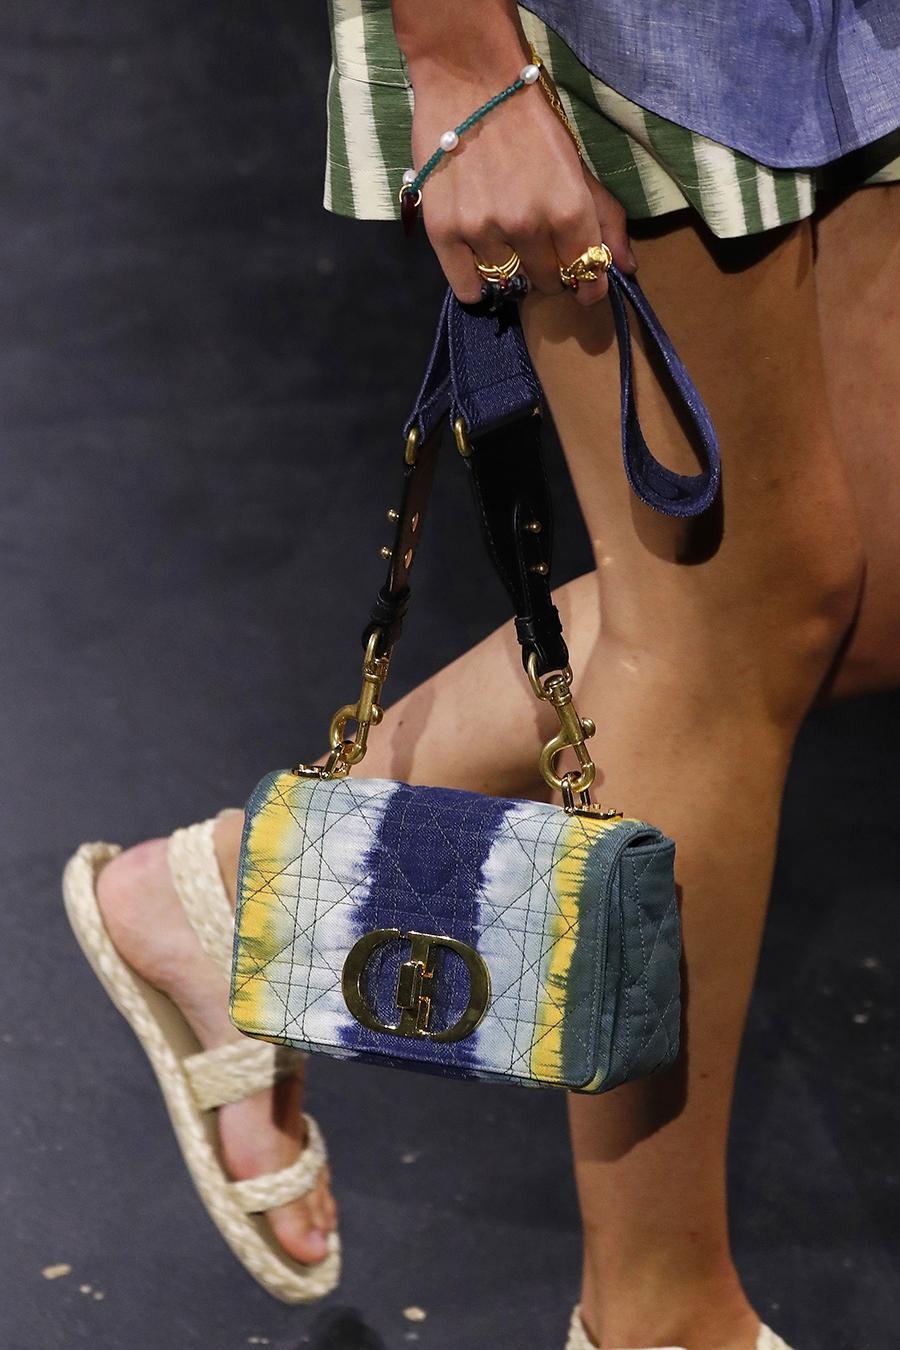 модная женская сумка лето 2021 клатч тоут шоппер пауч кожаная разноцветная серая синяя белая желтая черная тайдай